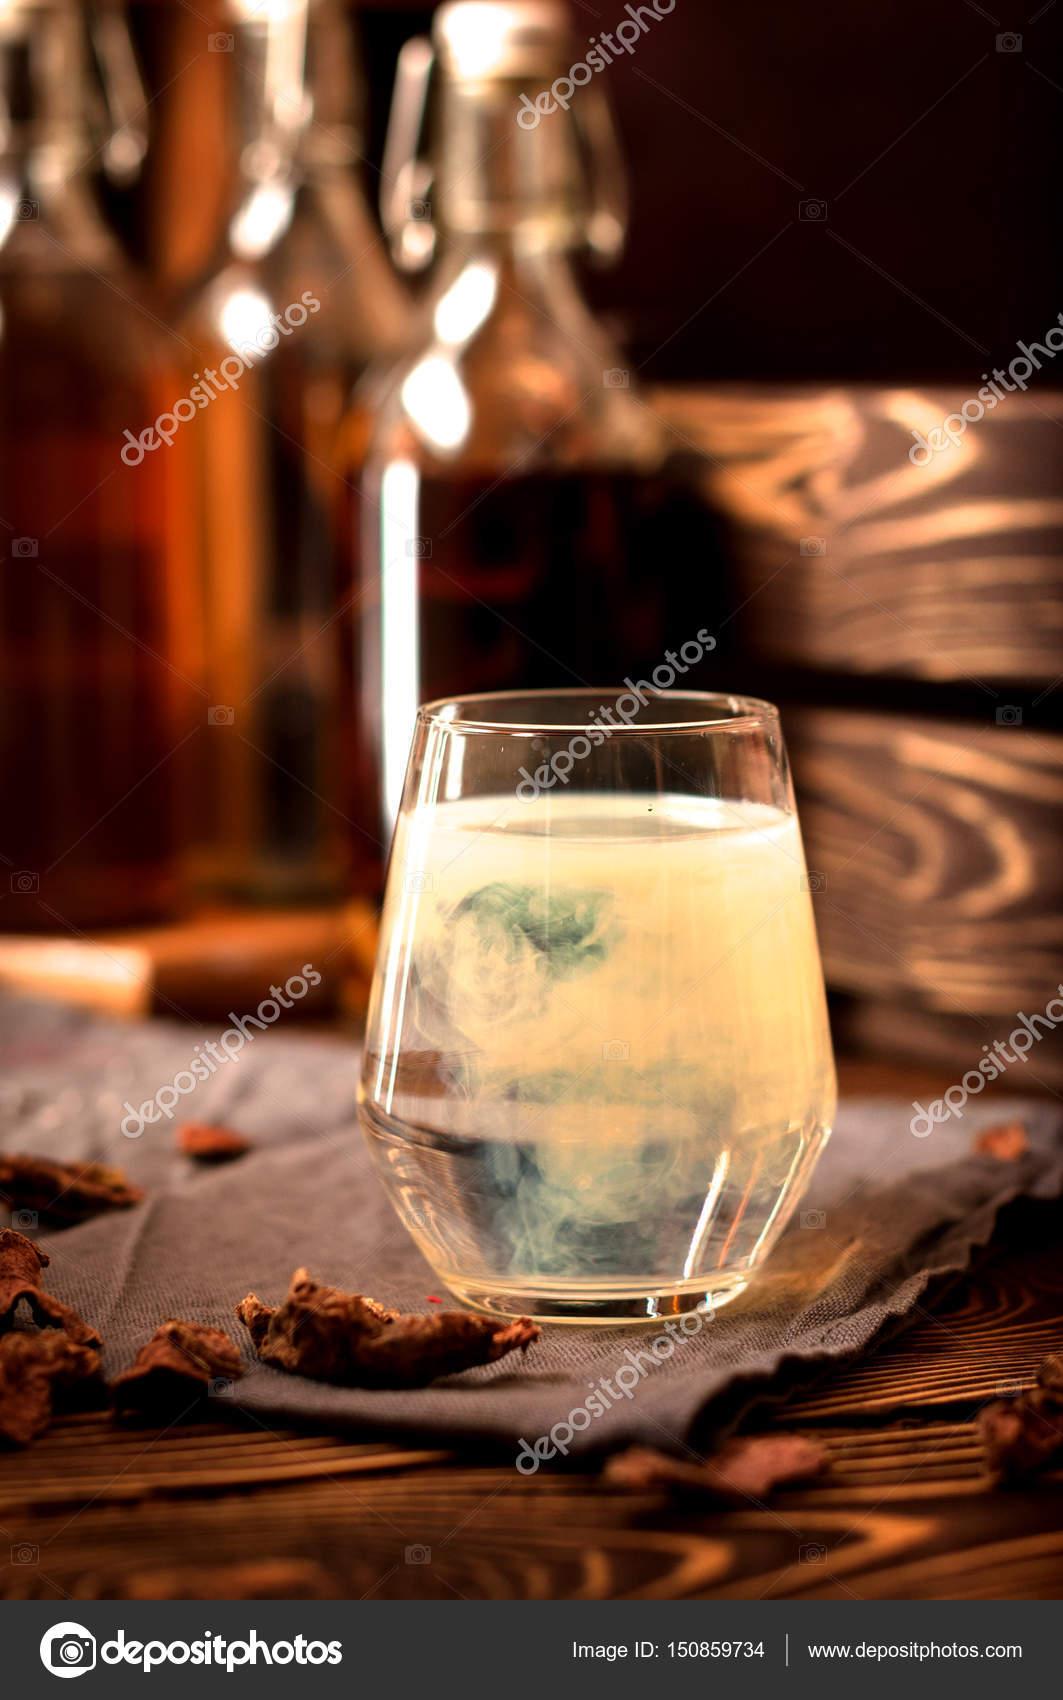 ανάκτηση αλκοολούχου ποτού IHK Stuttgart ταχύτητα χρονολογίων 2015